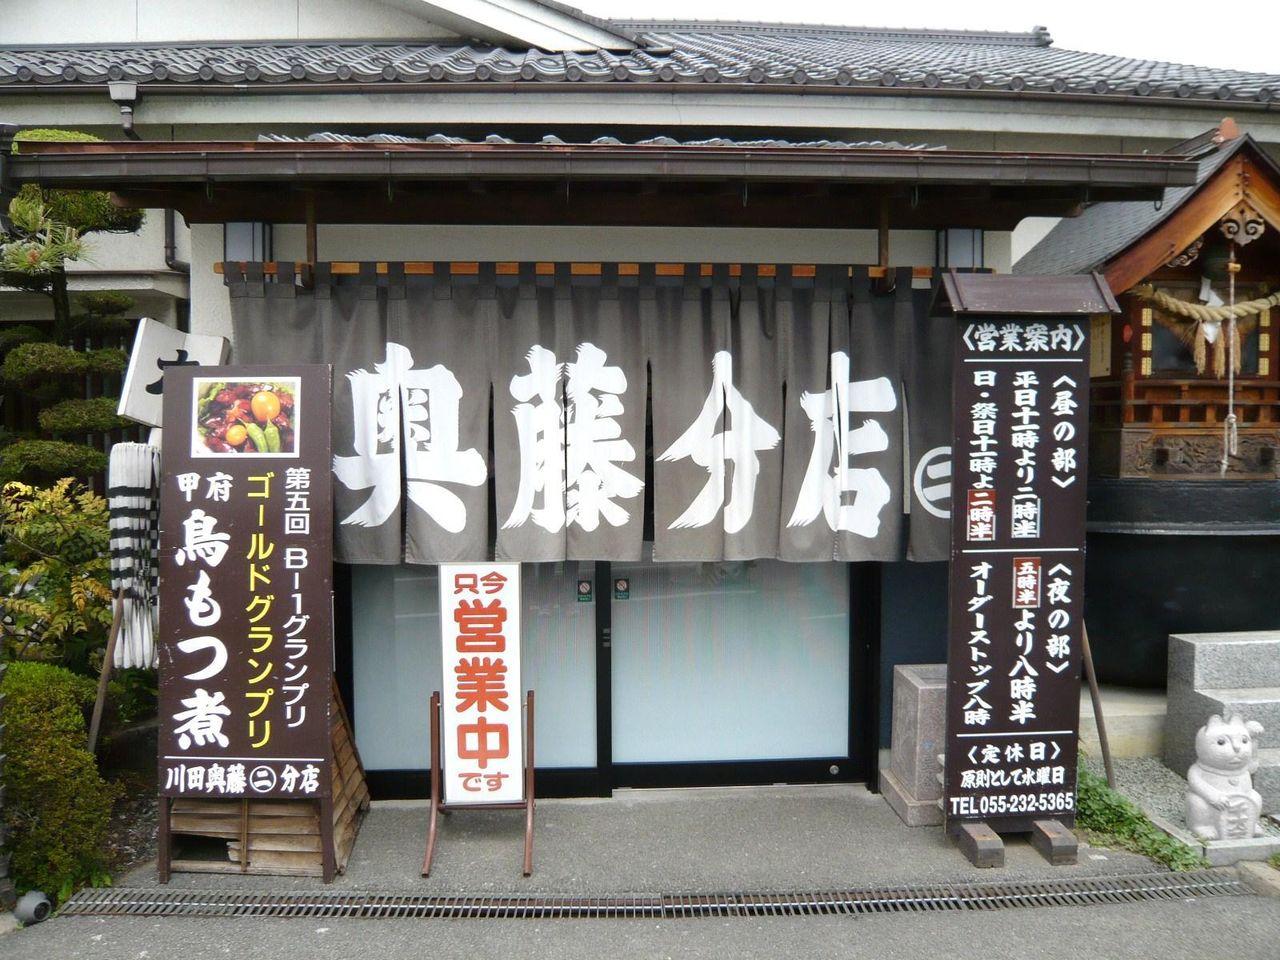 石和でも、「甲府鳥もつ煮」を食べられます!